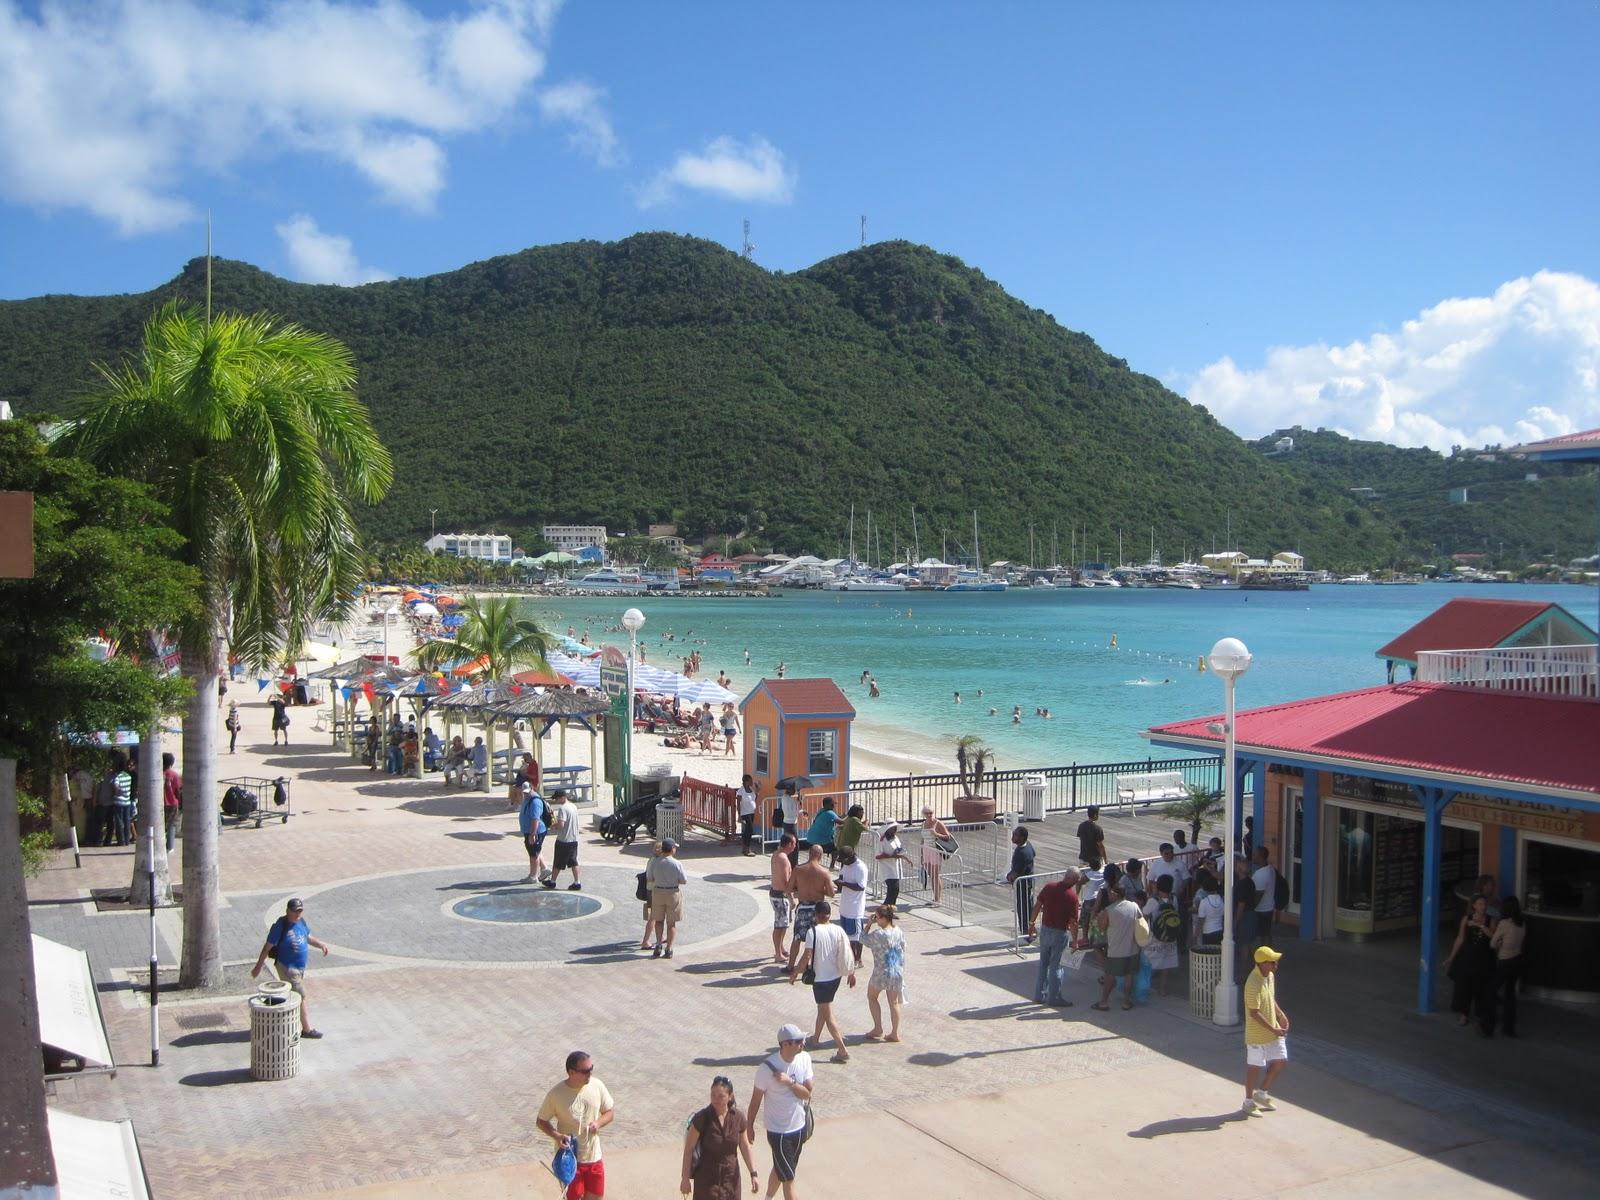 St Maarten Boardwalk - Things to do in St Maarten